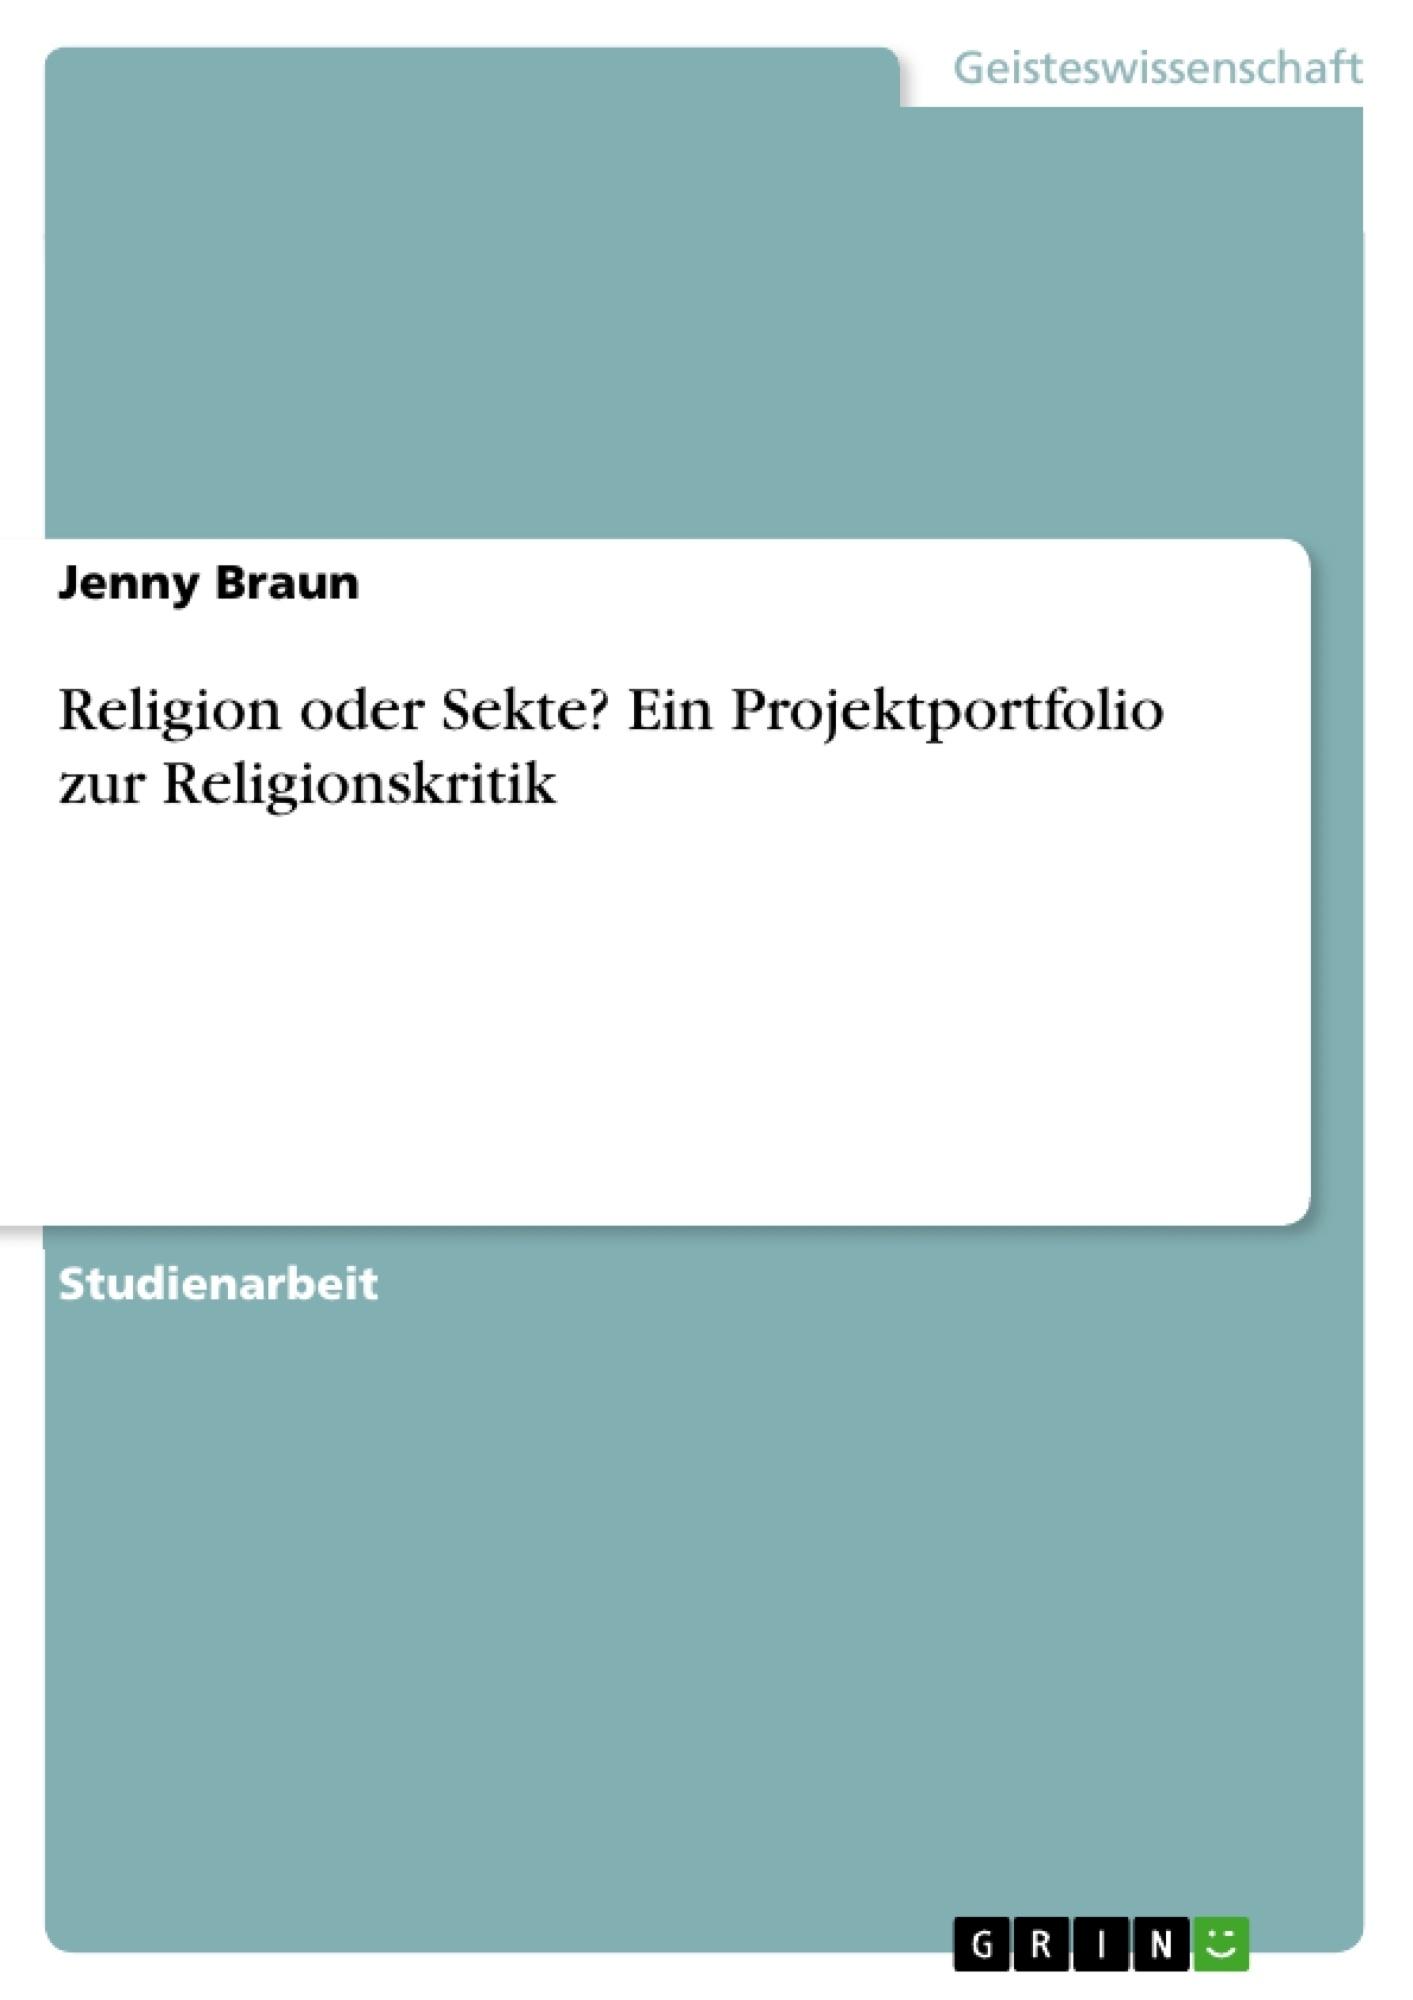 Titel: Religion oder Sekte? Ein Projektportfolio zur Religionskritik